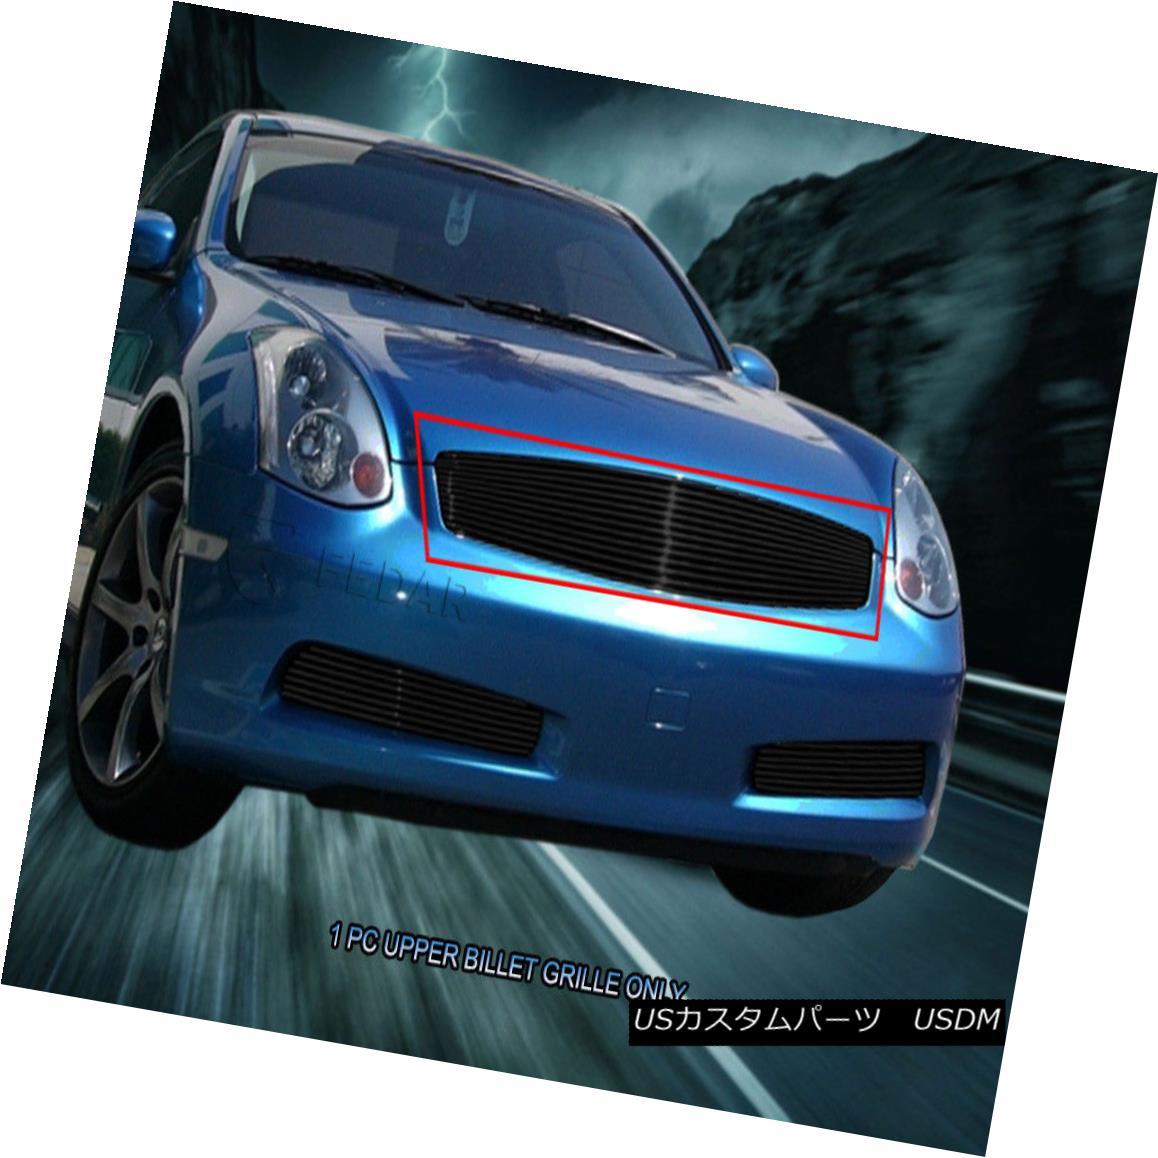 グリル Fits 03-07 Infiniti G35 2 Door Coupe Black Billet Grille Upper Insert Fedar フィット03-07インフィニティG35 2ドアクーペブラックビレットグリルアッパーインサートフェルダー